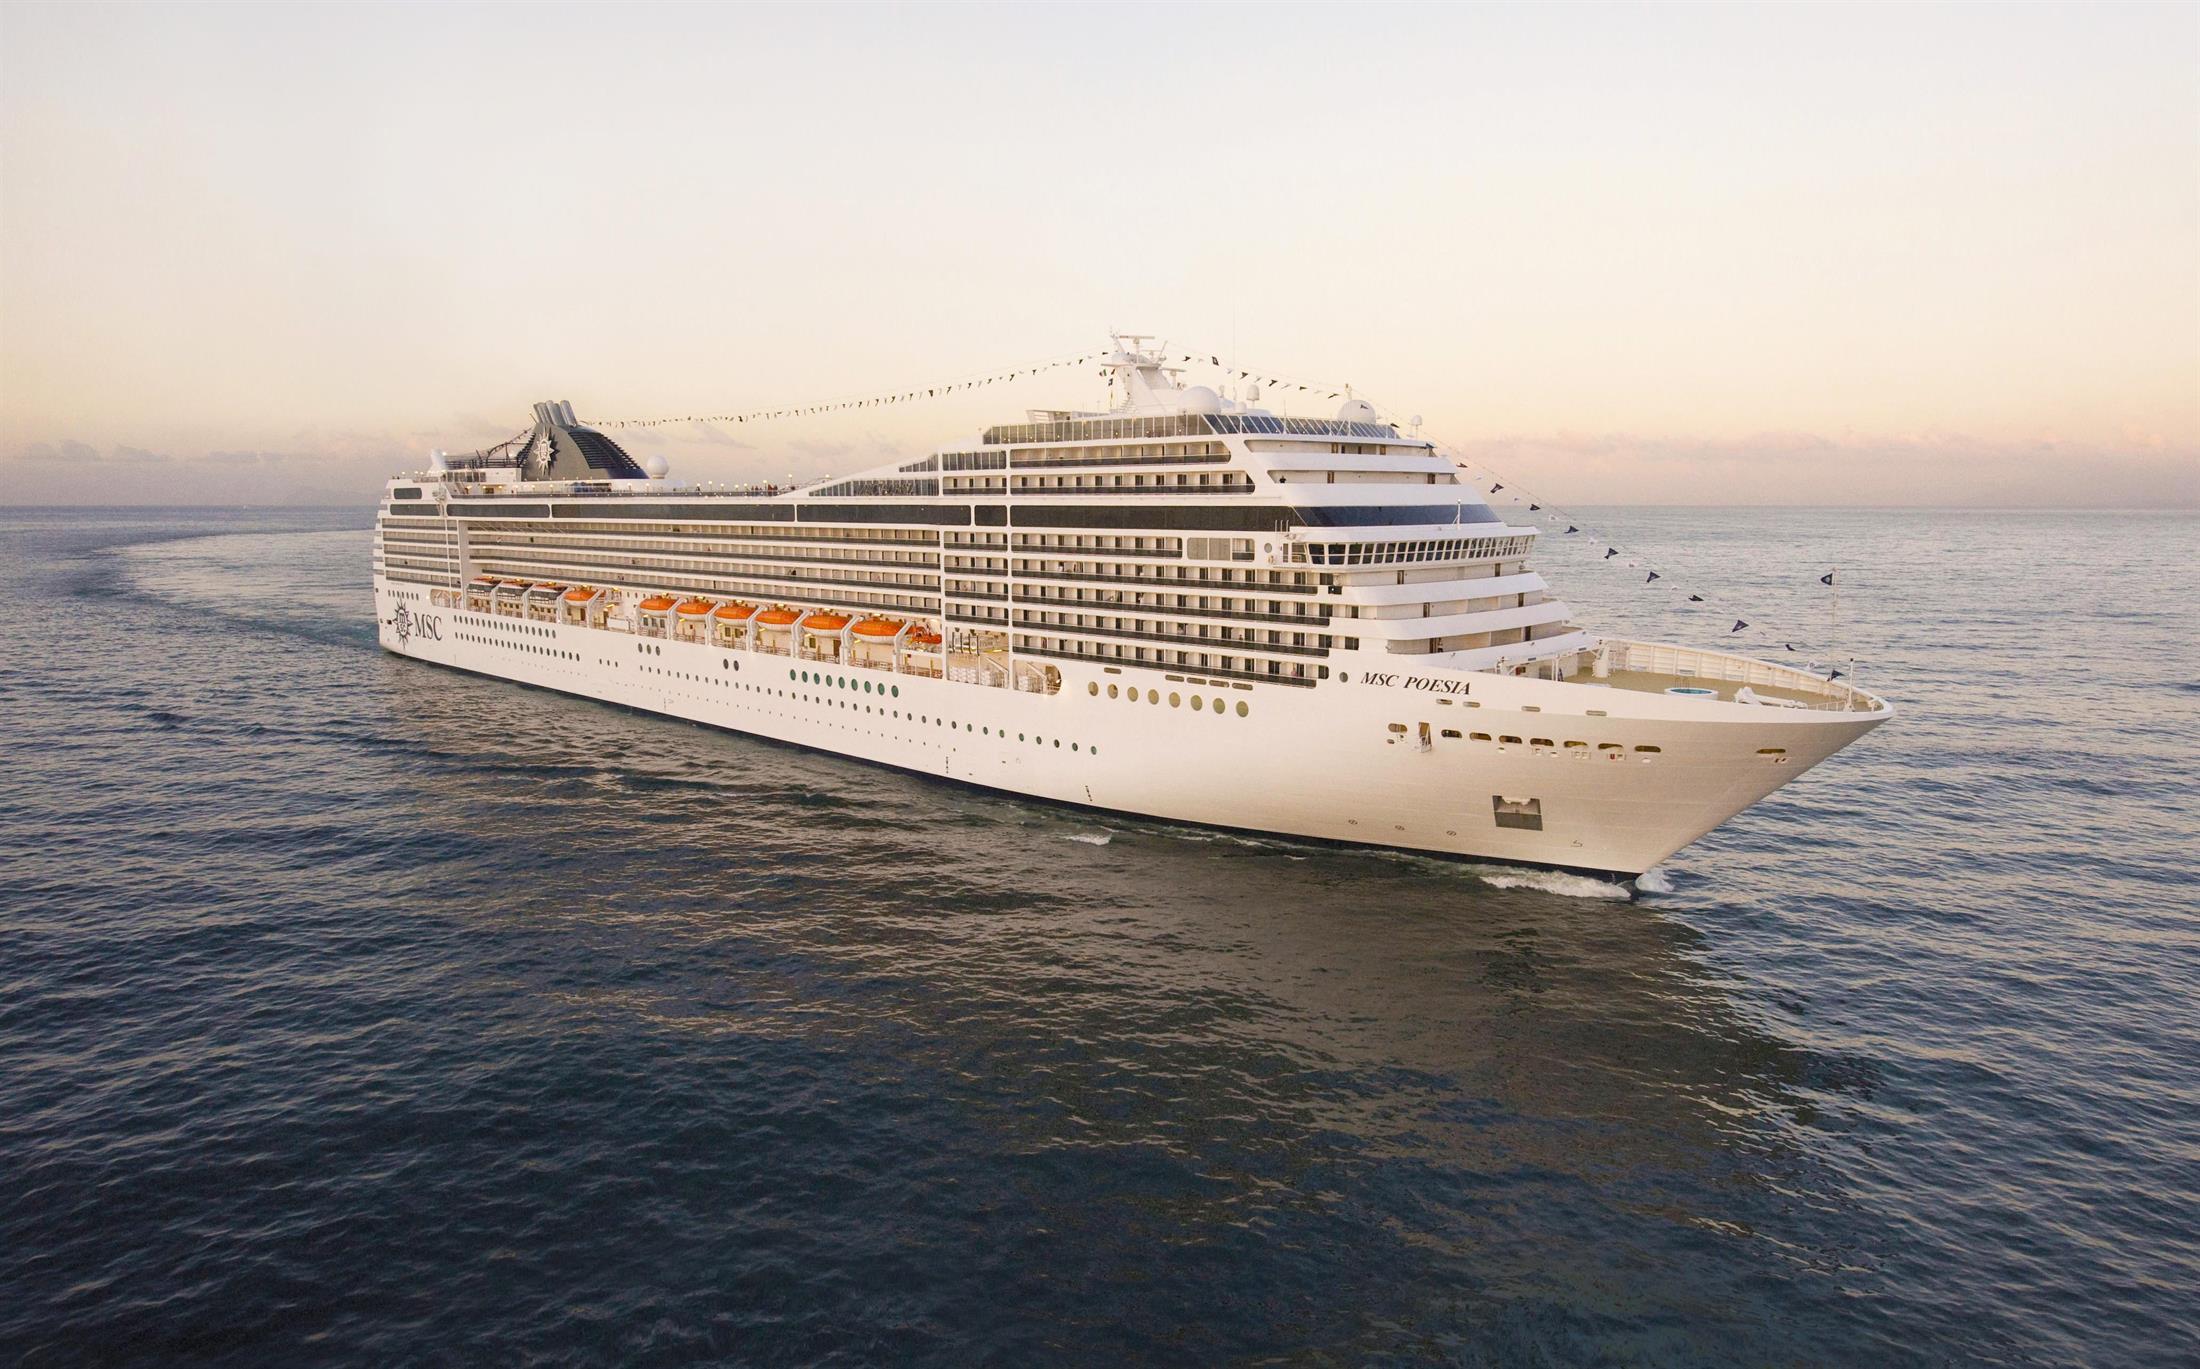 טיול מאורגן כולל שייט באיים הקנריים, פורטוגל ומרוקו | 1.11 | 14 ימים, 13 לילות | MSC POESIA